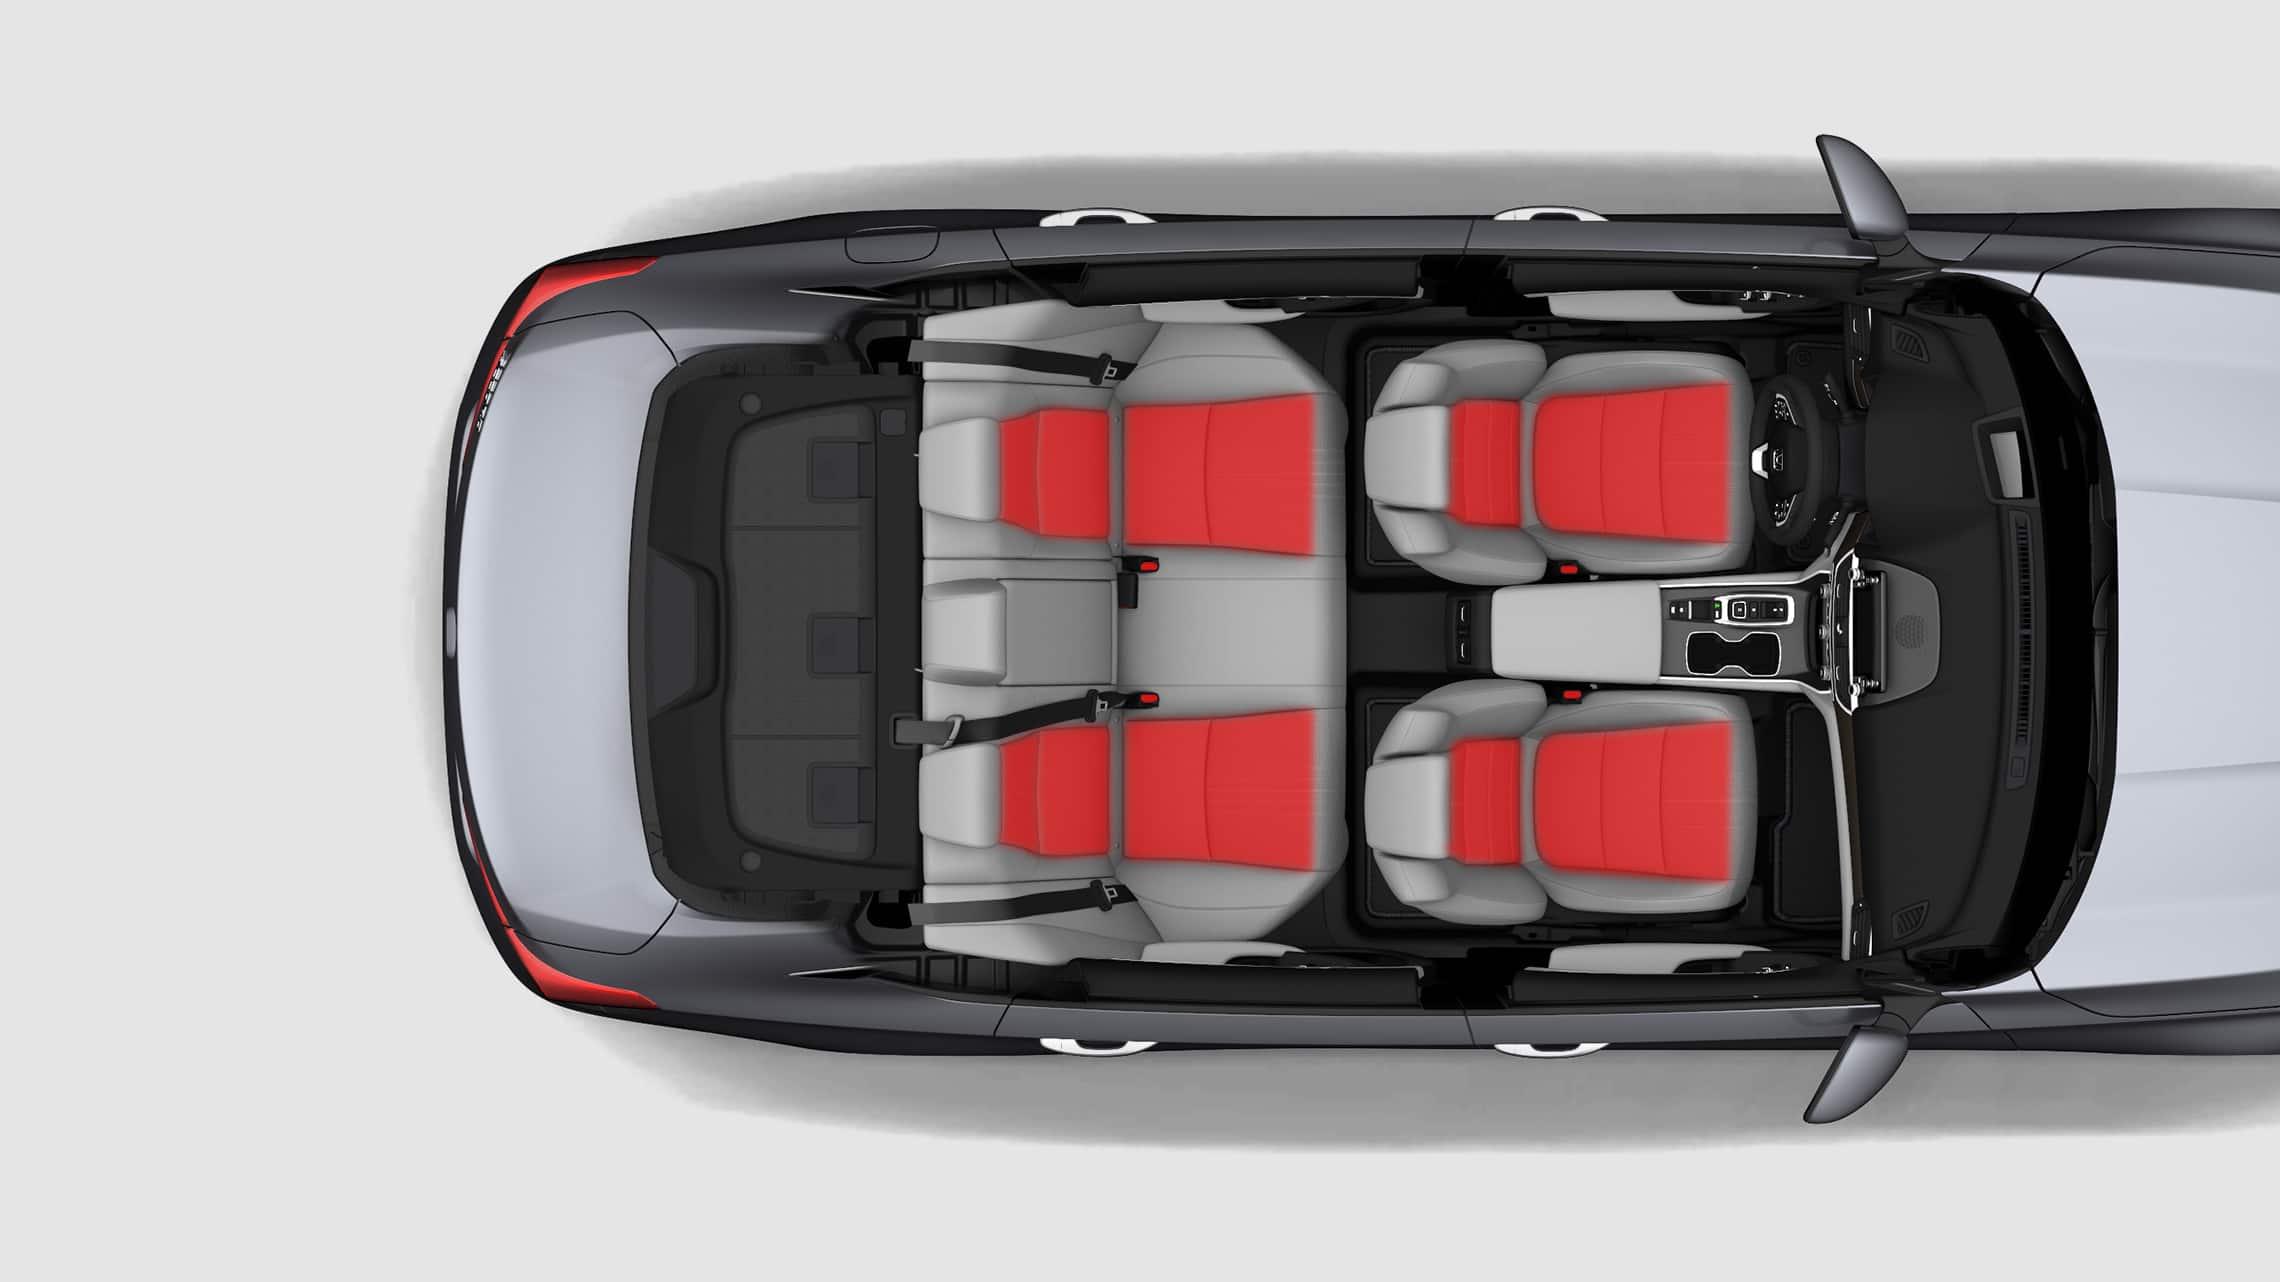 Vista interior aérea del Honda Accord Touring2.0T2020 con ondas de temperatura ilustradas que muestran asientos delanteros y asientos traseros laterales calefaccionados.